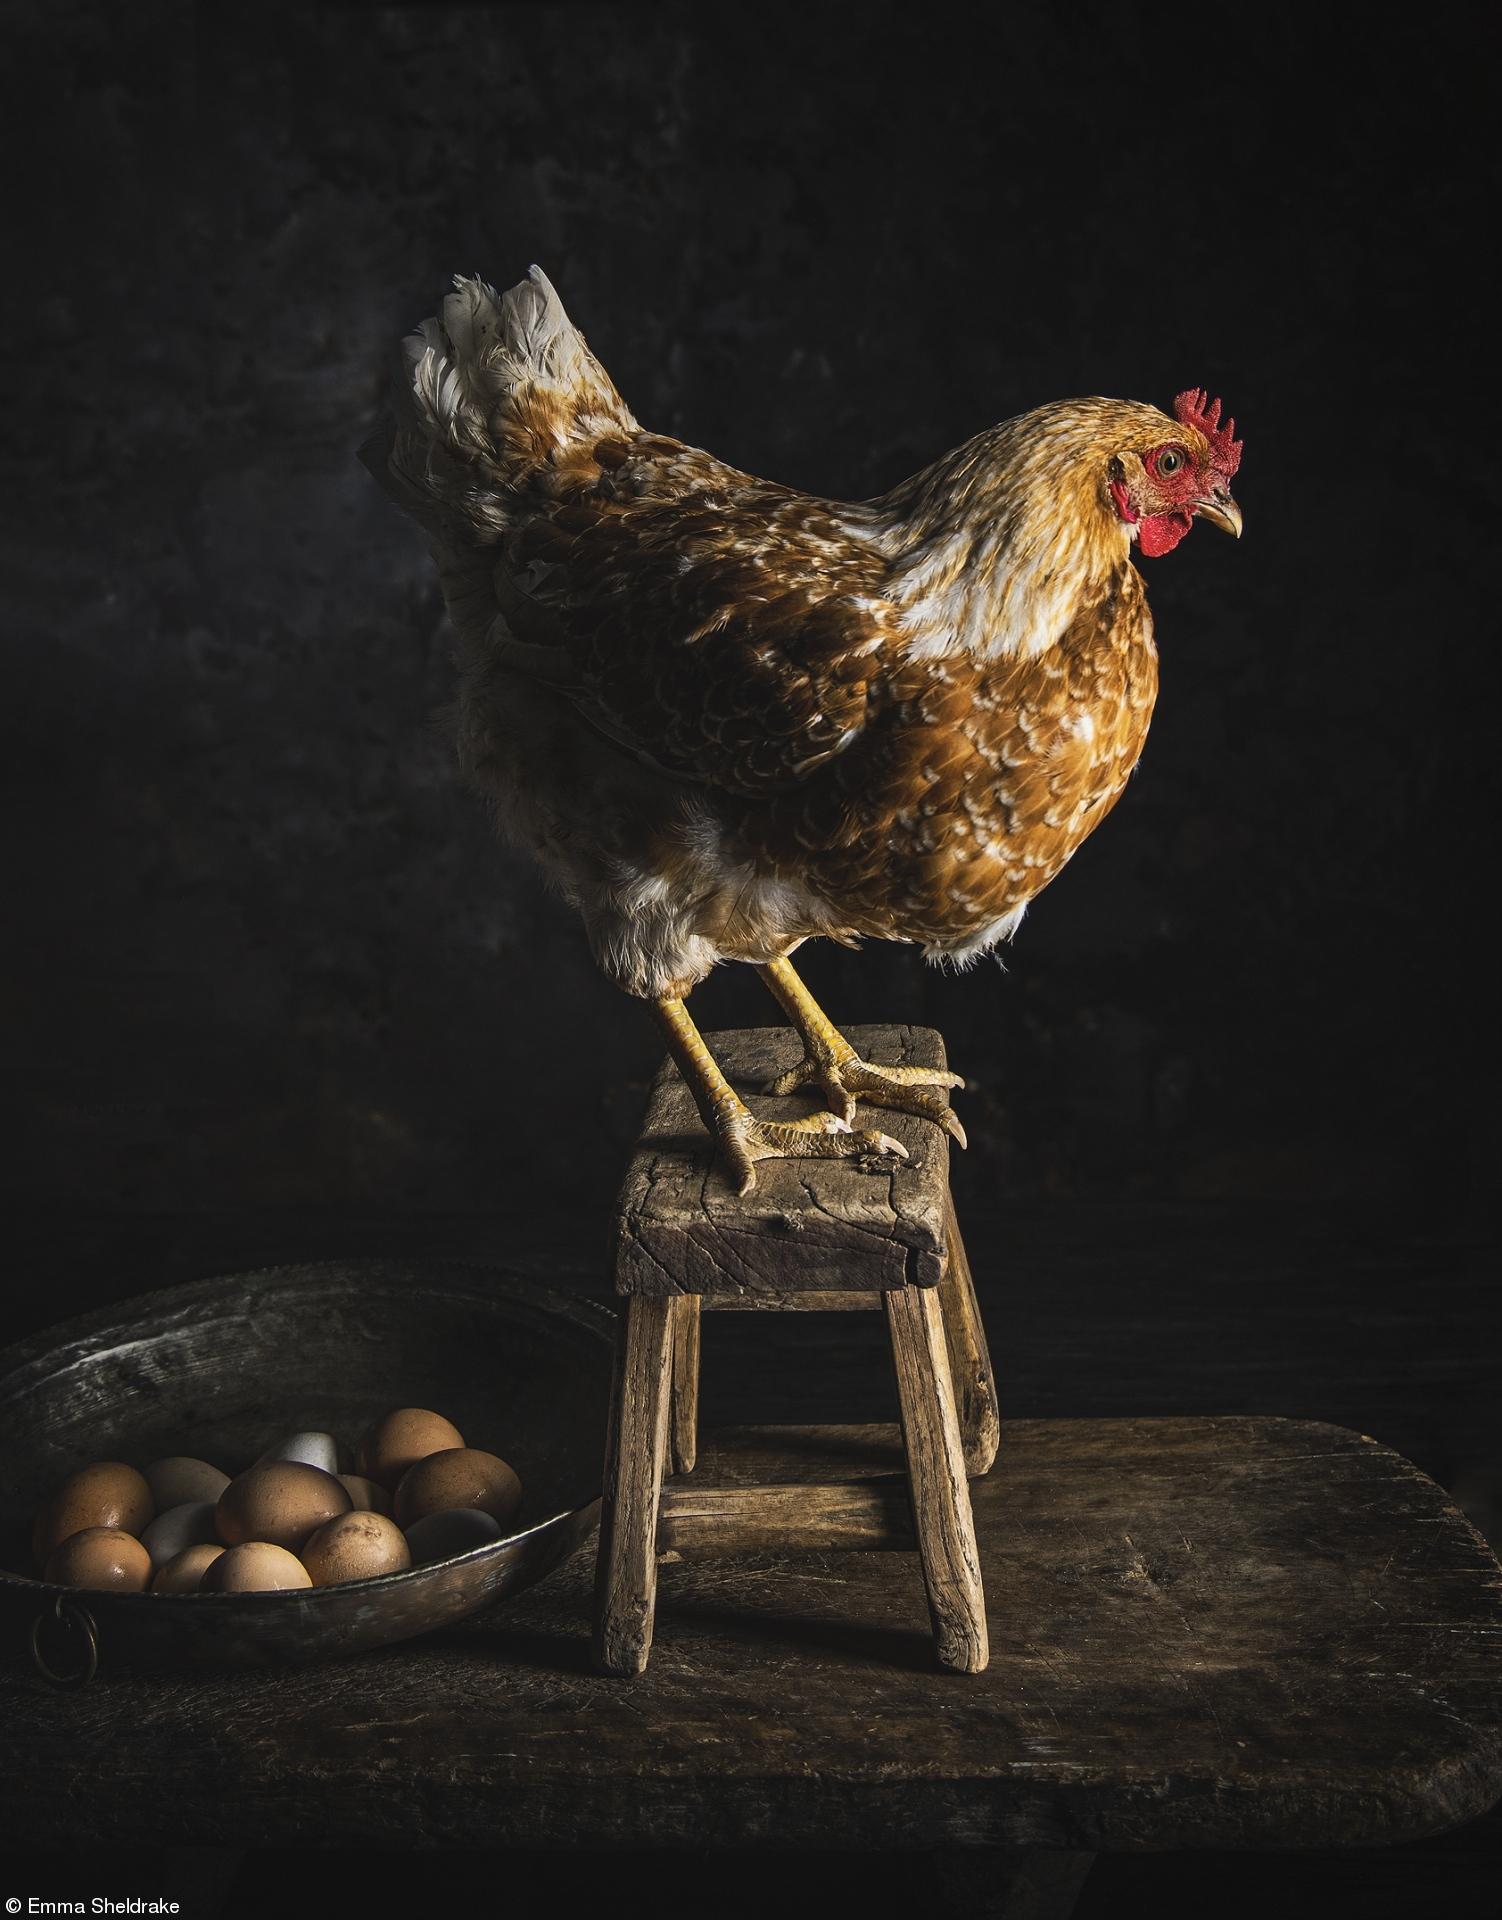 «Ενα Οραμα με την Αφροκρεμα της Σοδειάς: Κανέλα» της Εμα Σελντρέικ, Αυστραλία. Η ομορφιά της συλλογής των αβγών στο σπίτι και τα υπέροχα πτηνά που λατρεύονται σαν μέλη της οικογένειας